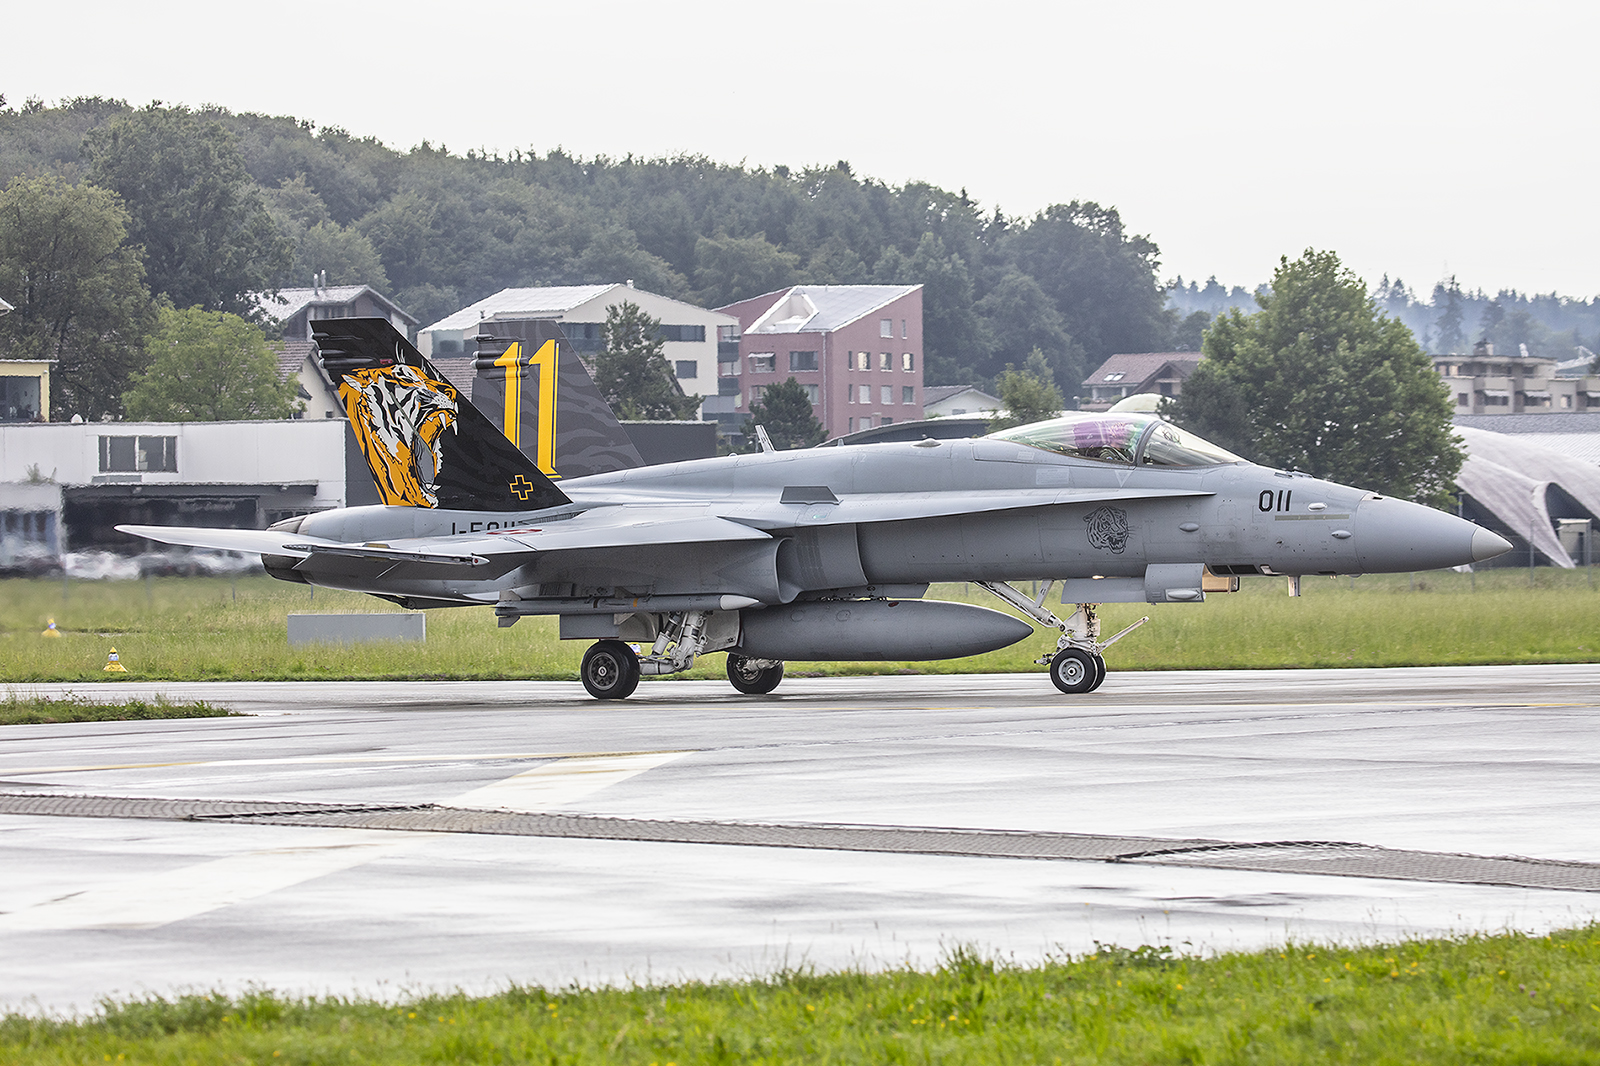 Die J-5011 der Tigerstaffel aus Meiringen.